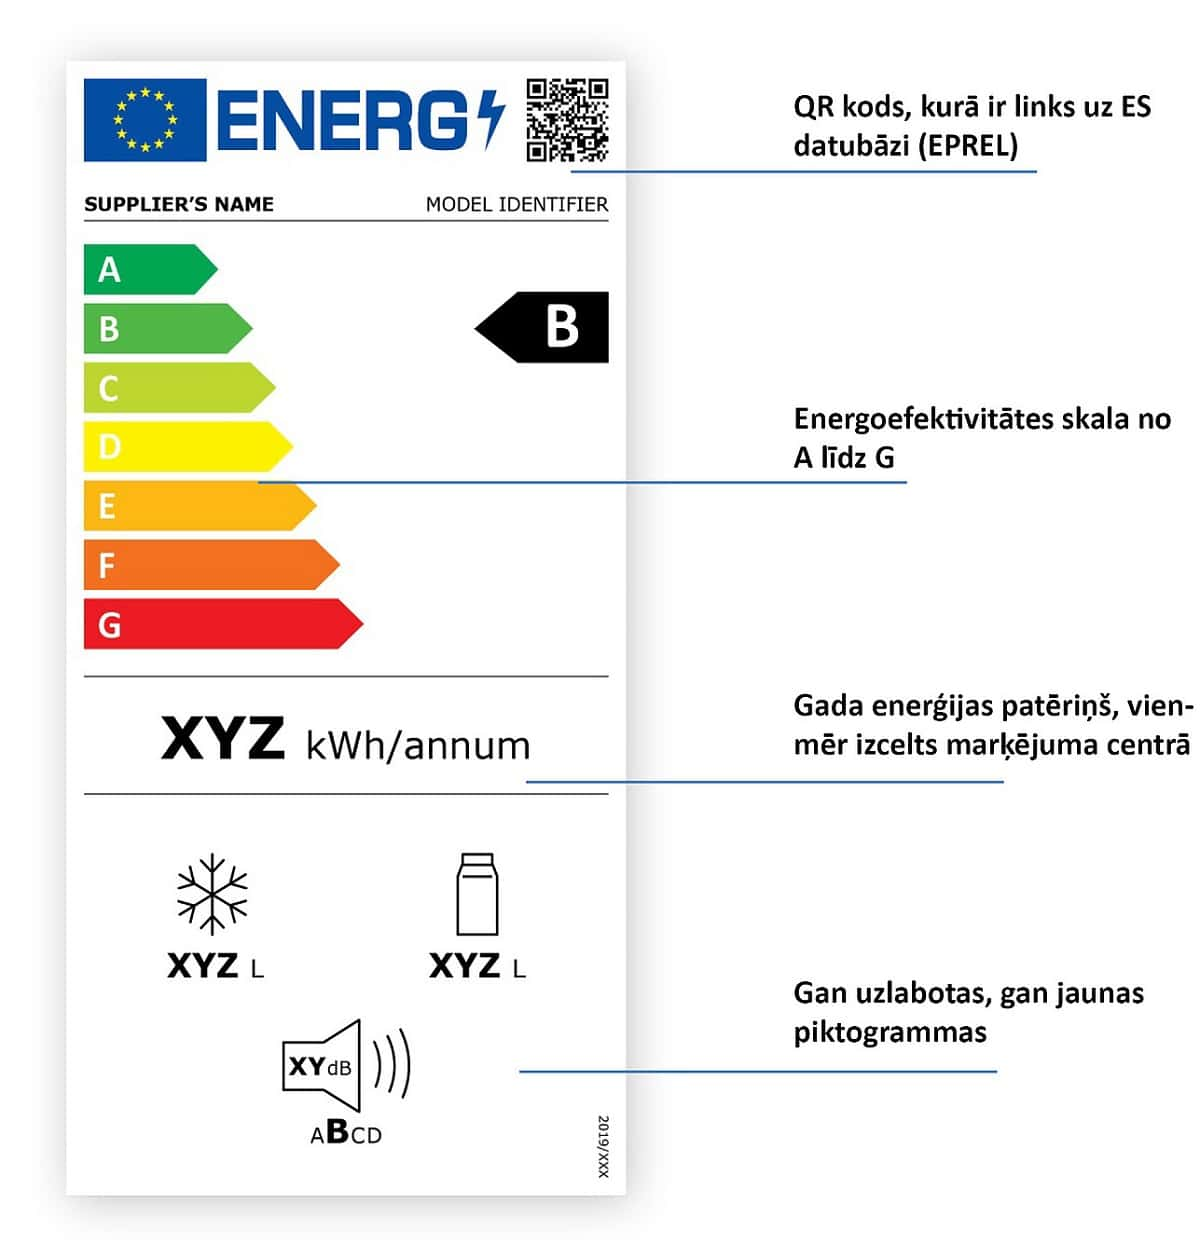 Stājas spēkā jauns elektropreču energomarķējums